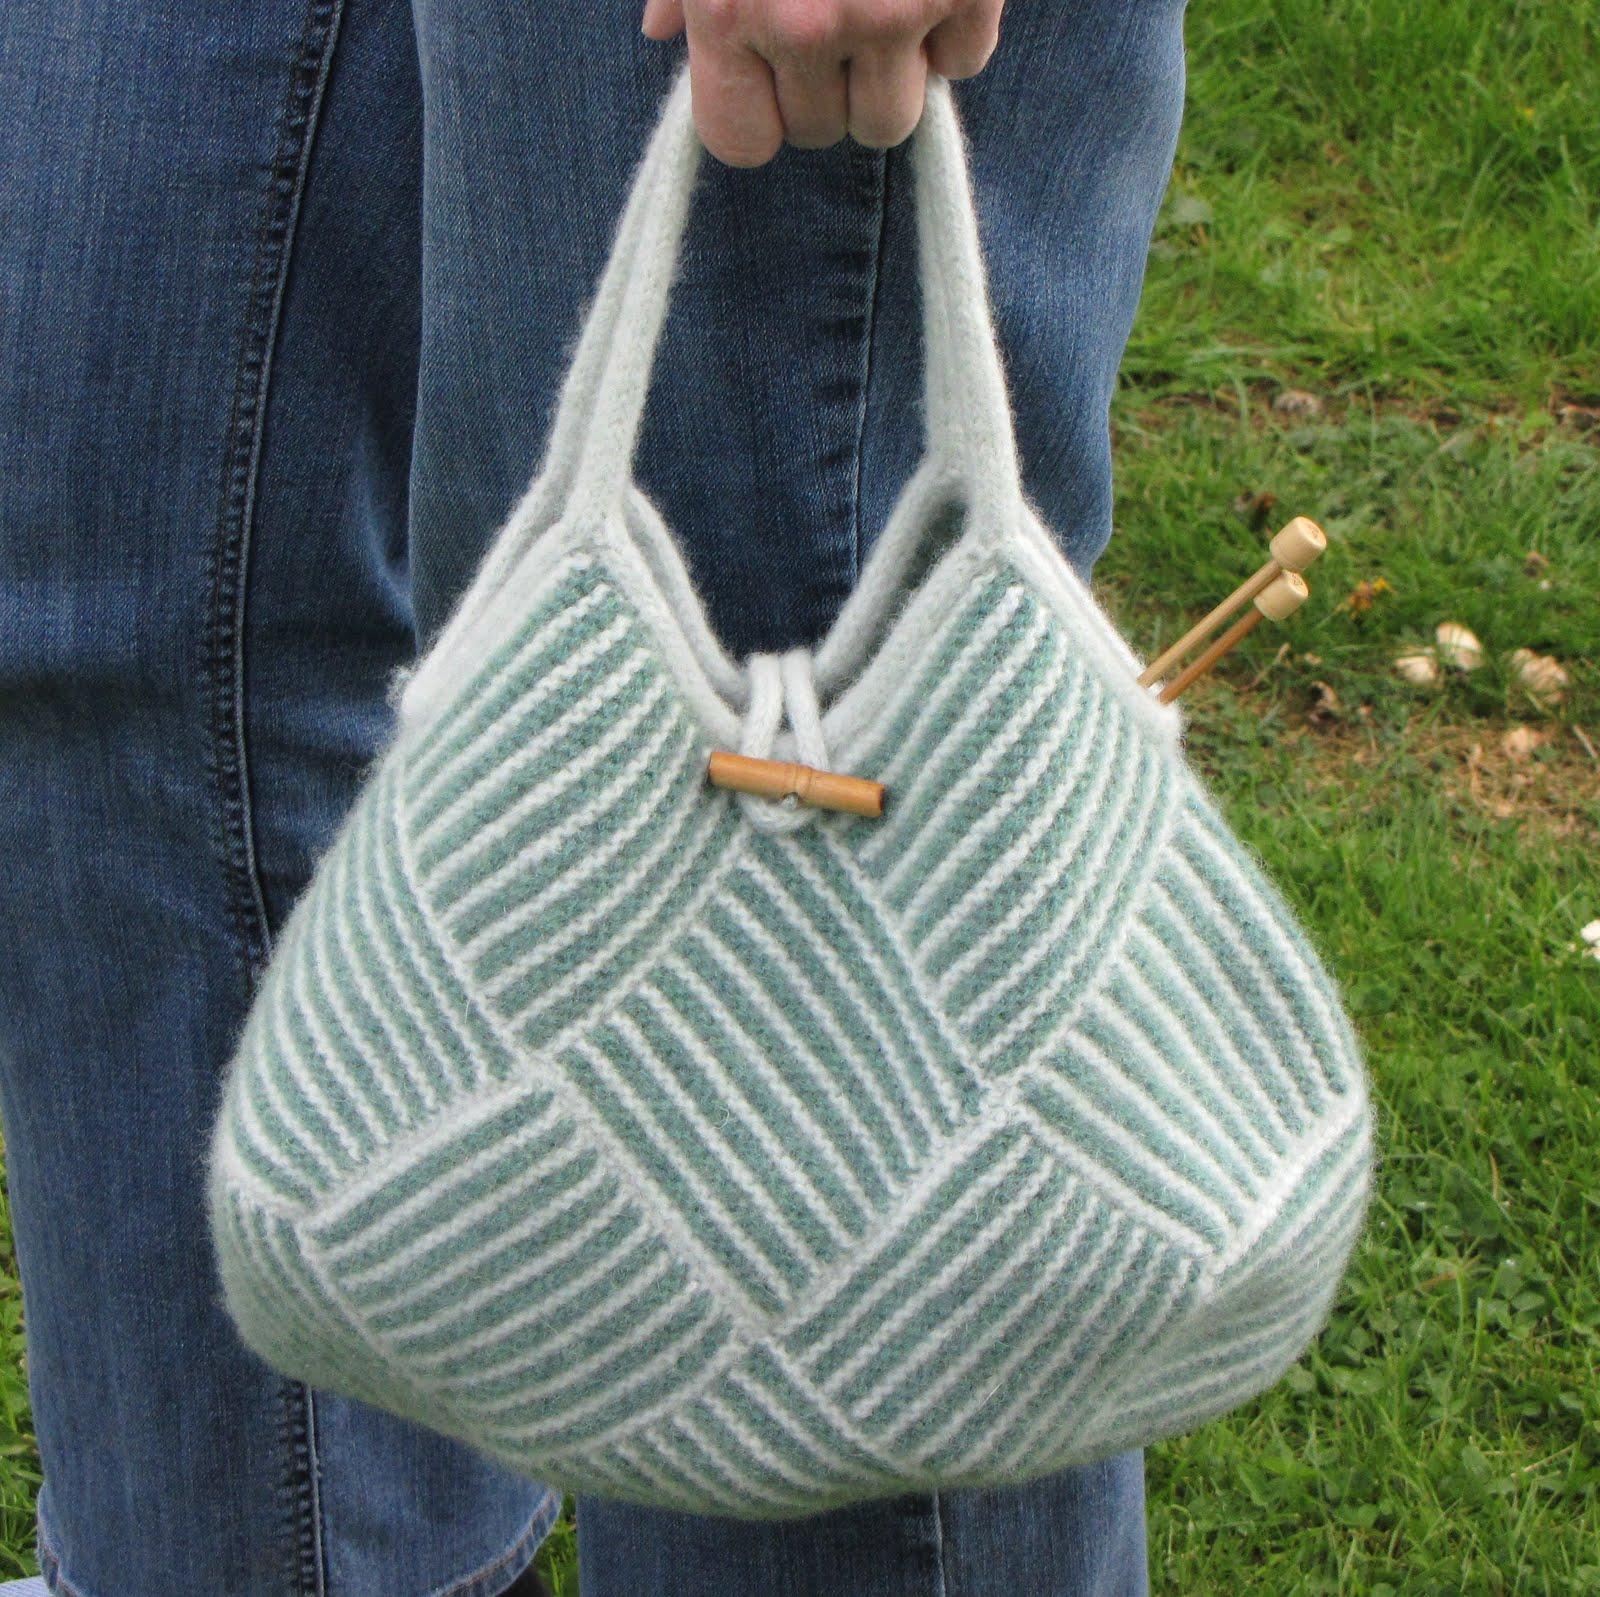 1dda4106df9 Jeg fandt den oprindelige, japanske opskrift til denne strikkede taske på  Ravelry - men den er meget ordfattig, og jeg har derfor hovedsageligt  anvendt ...